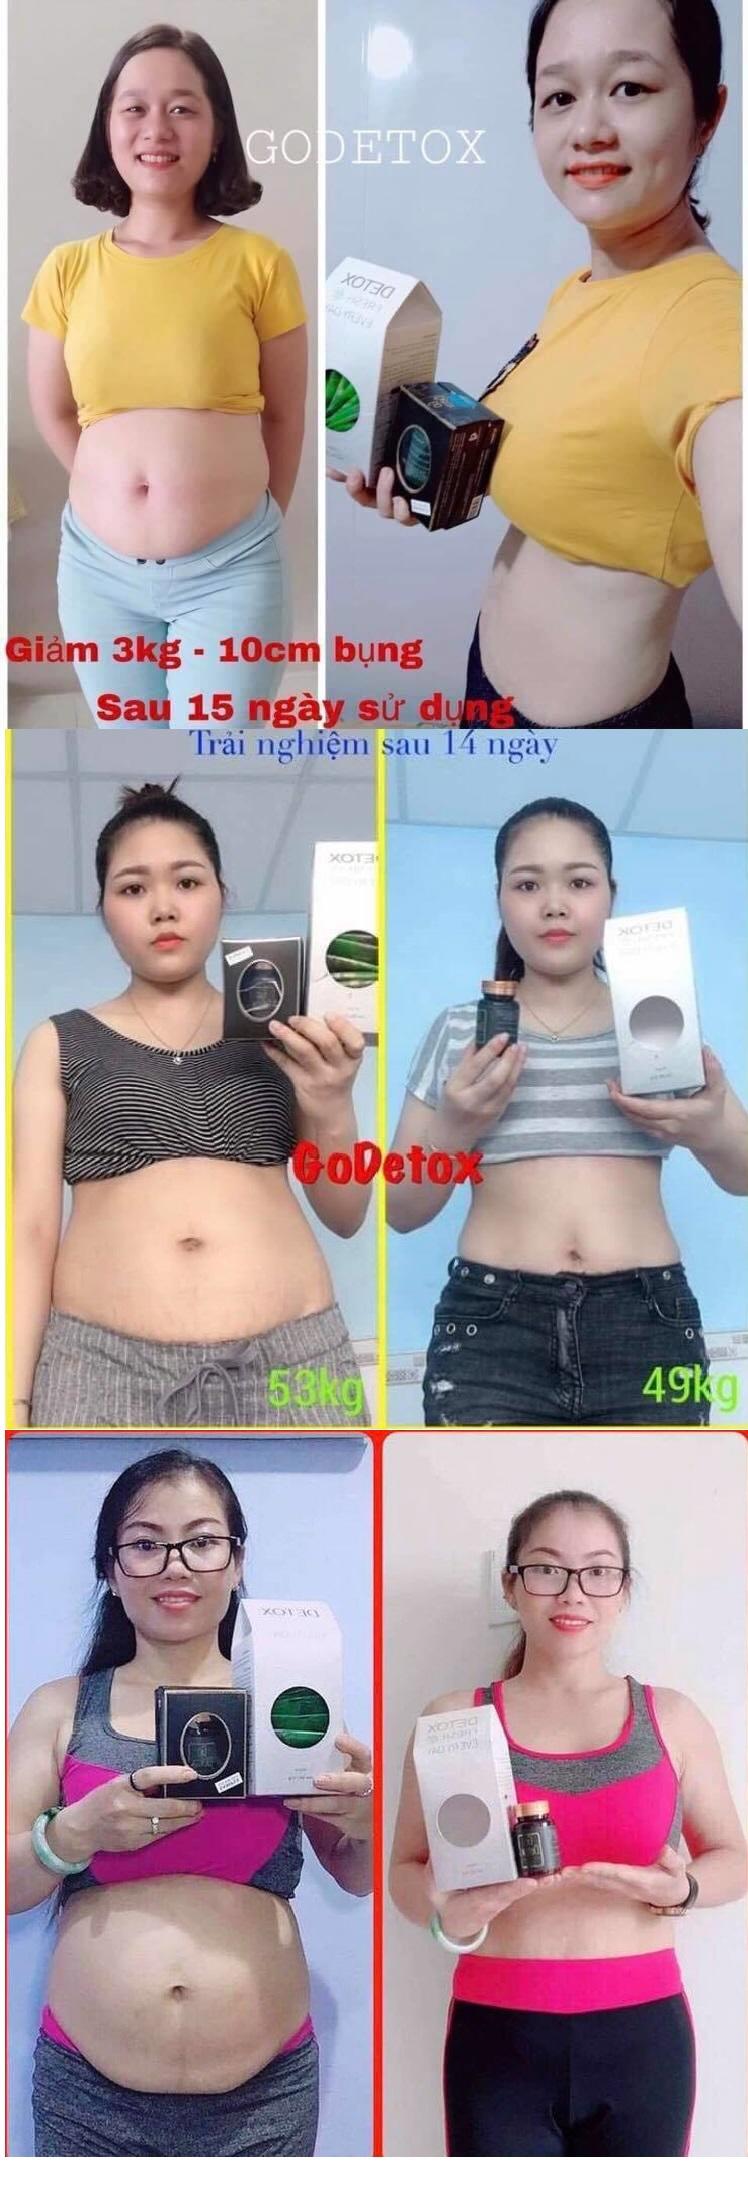 Khách hàng trước và sau khi dùng sản phẩm giảm cân Go Detox và Detox fresh everyday